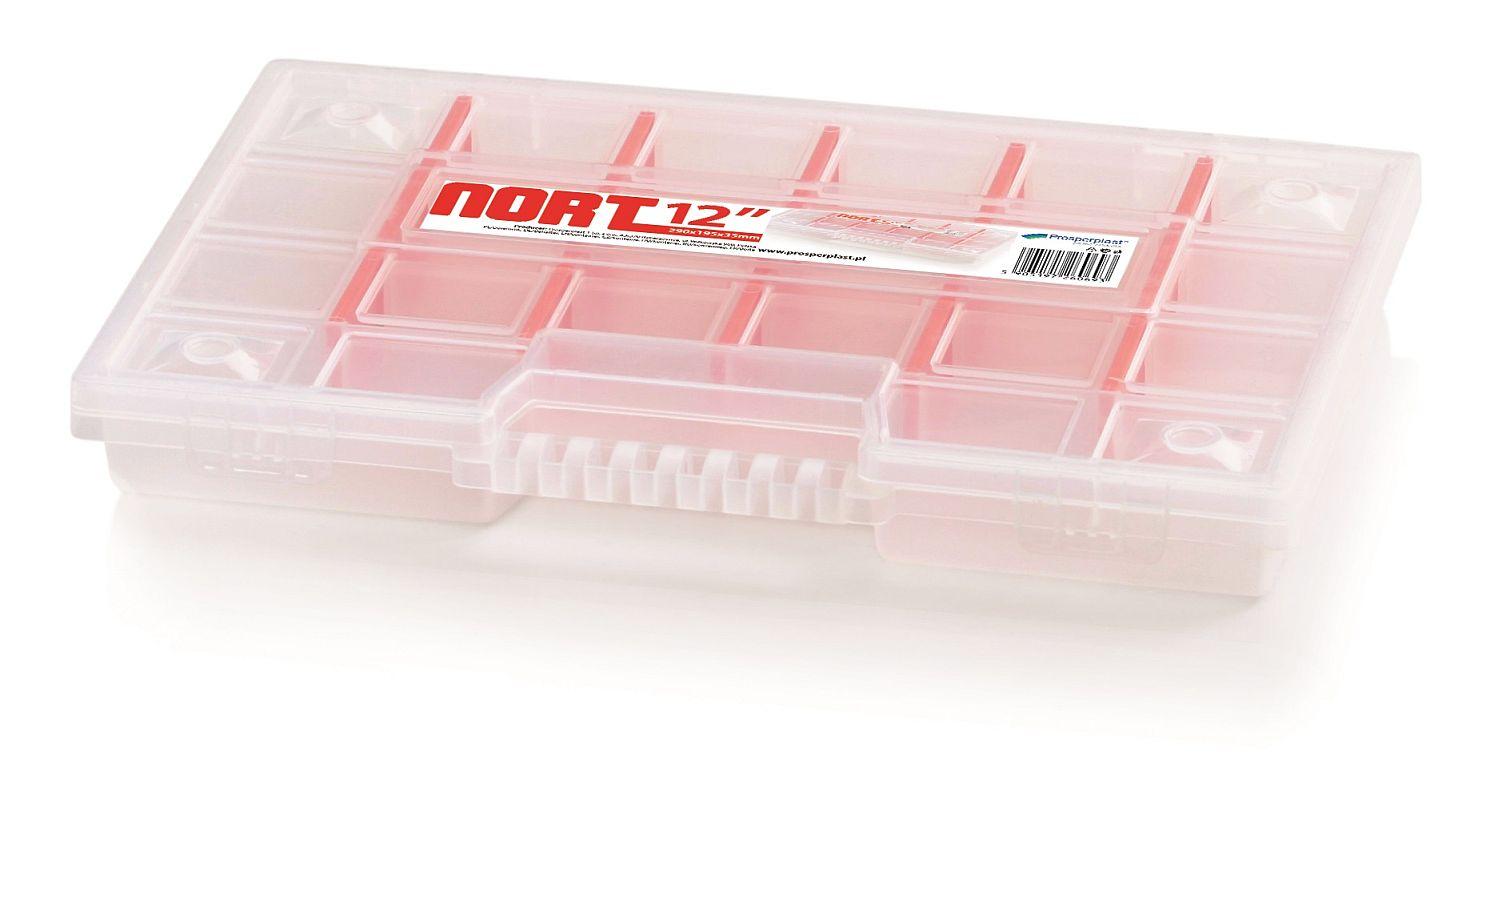 PROSPERPLAST Plastový organizér 22 přihrádek (přepážky) NORT 290x195x35 červený